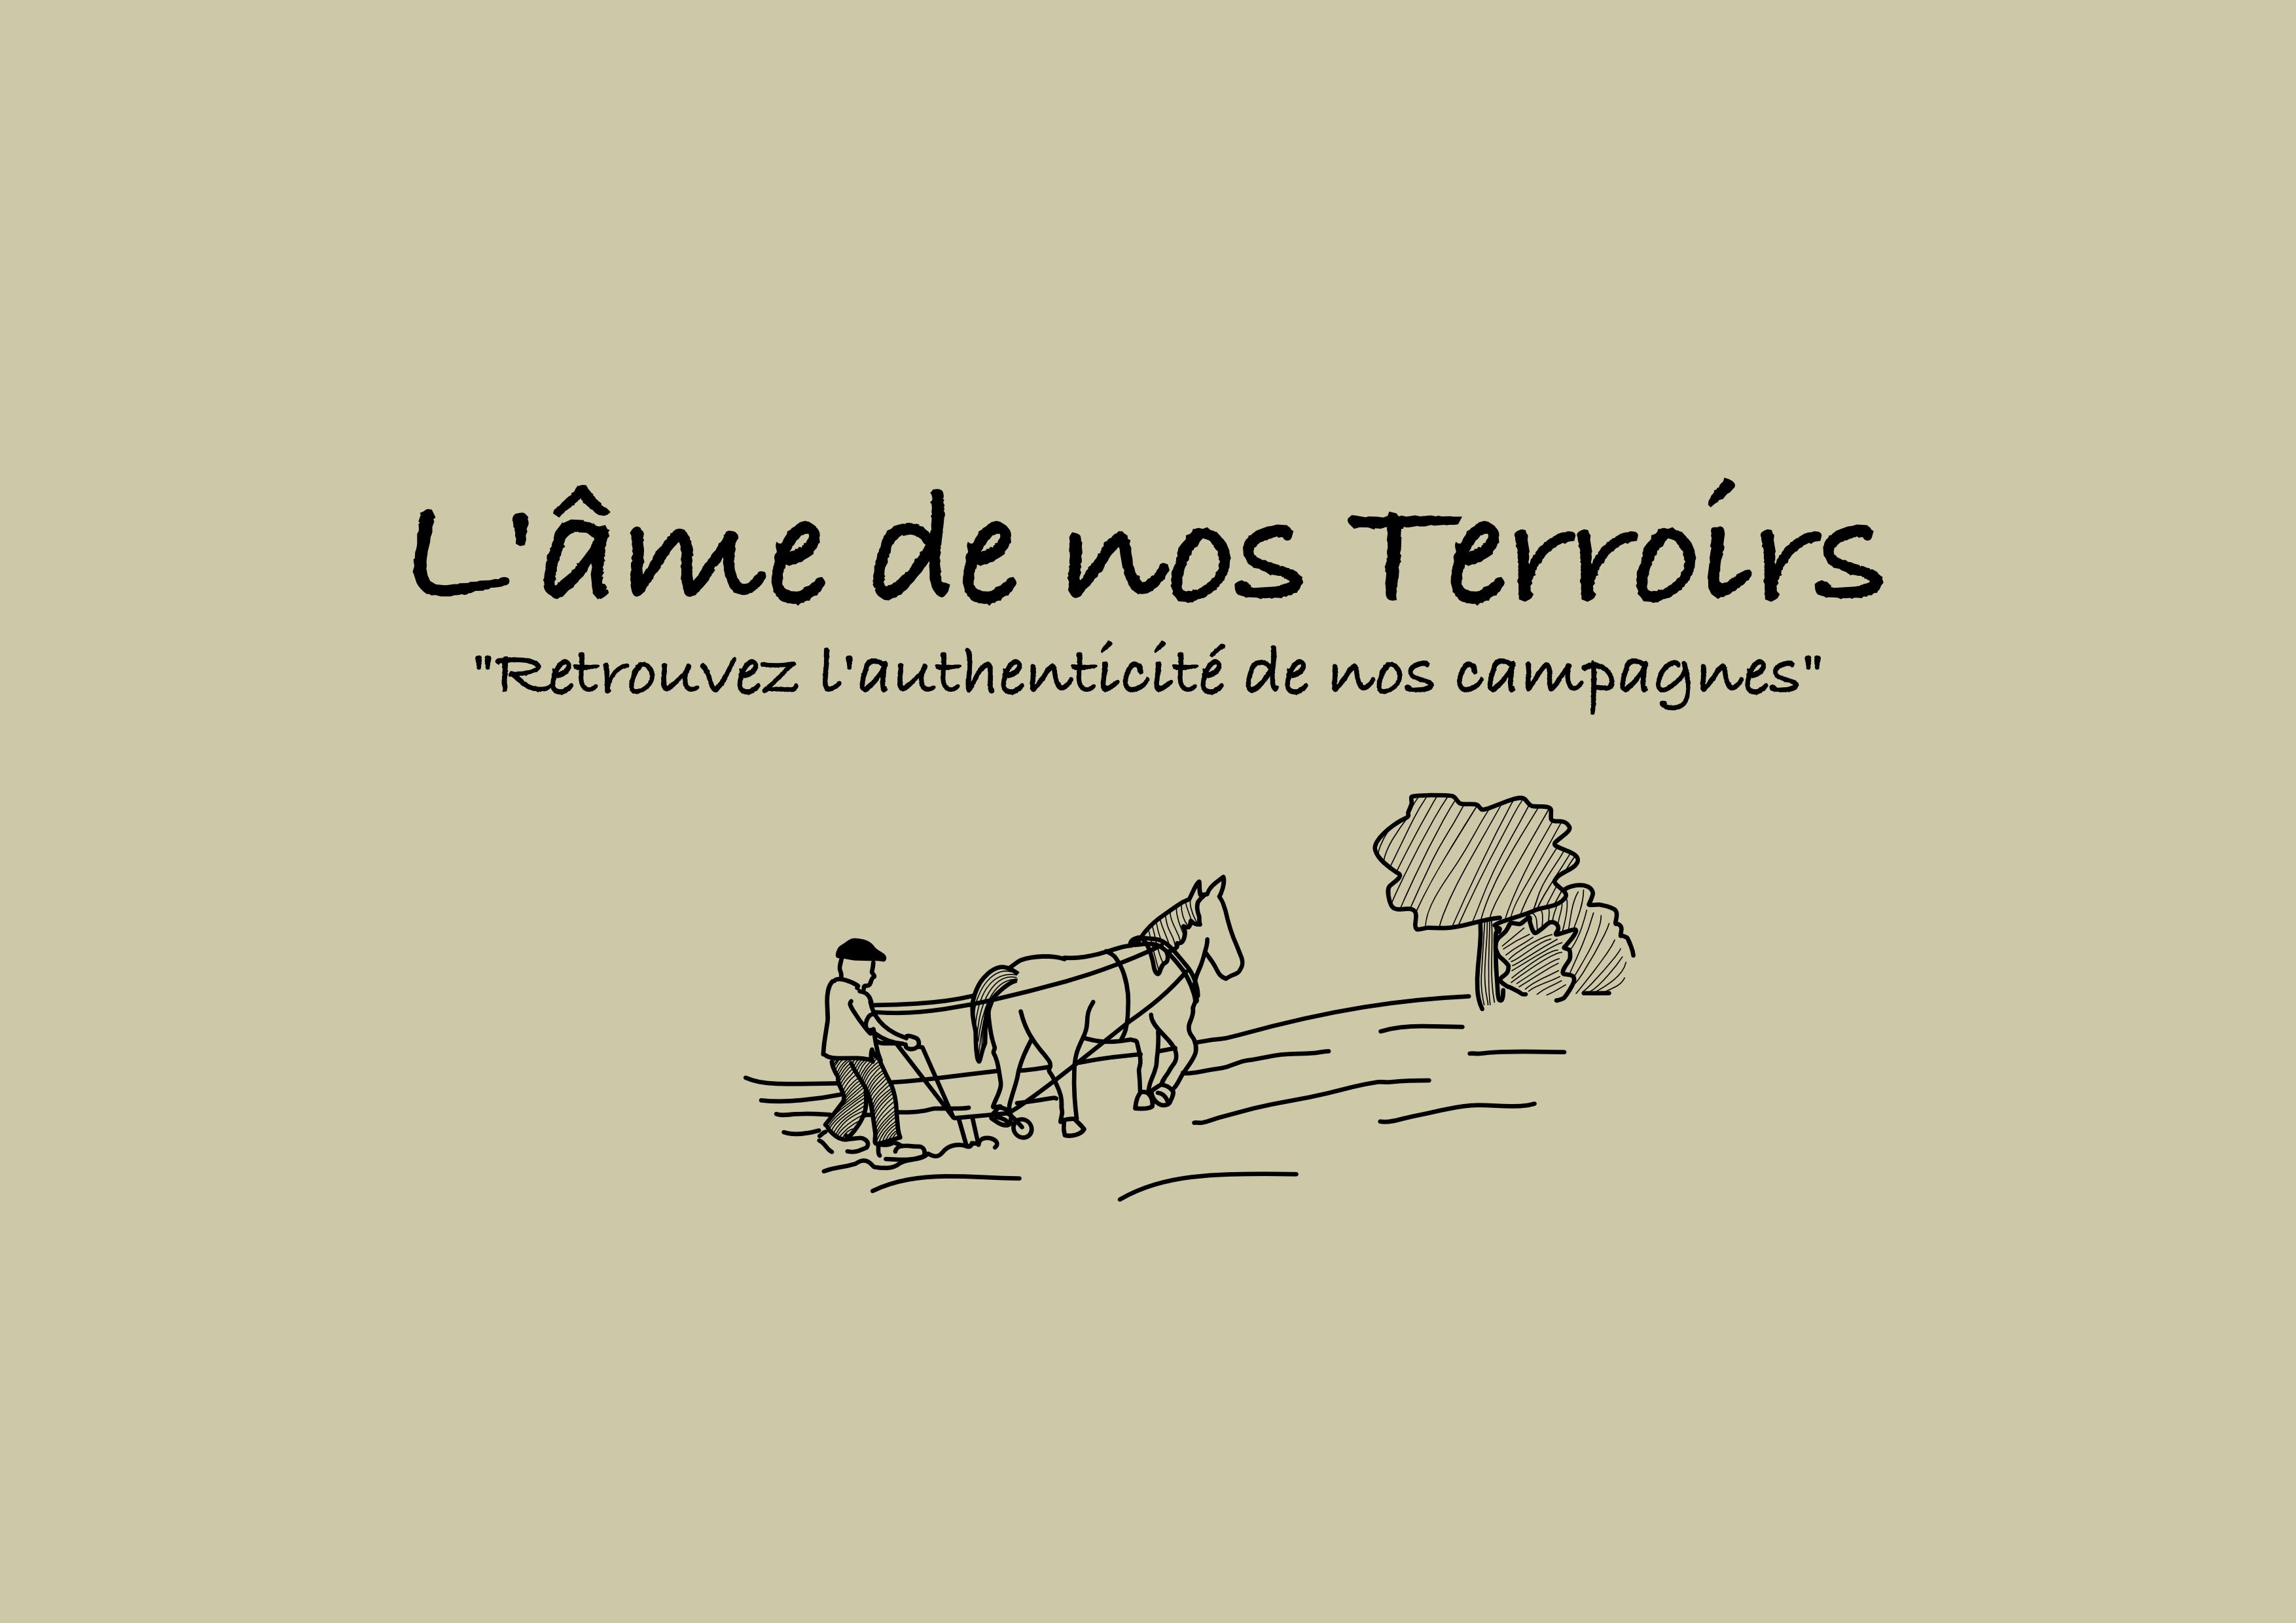 Logo sur fond beige de L'ame de nos terroirs